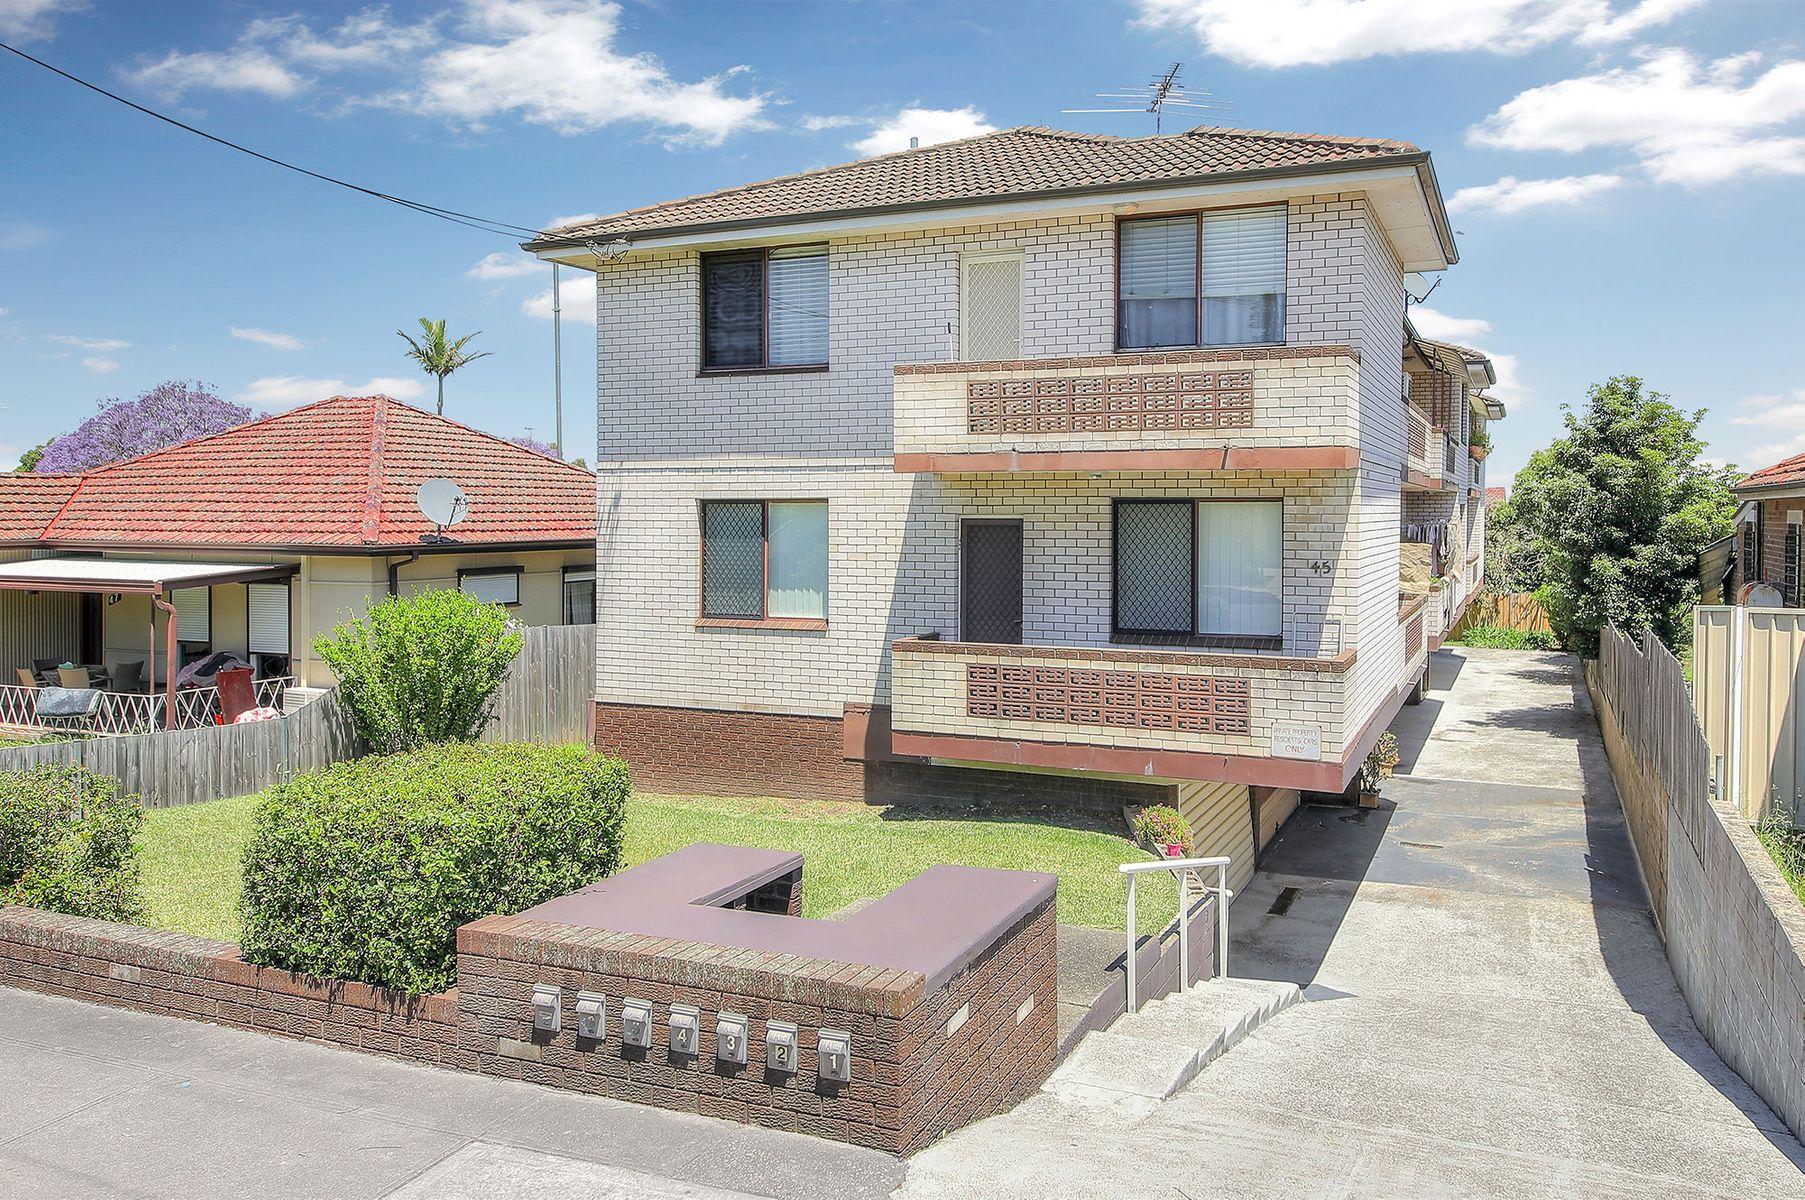 5/45 Matthews Street, Punchbowl, NSW 2196